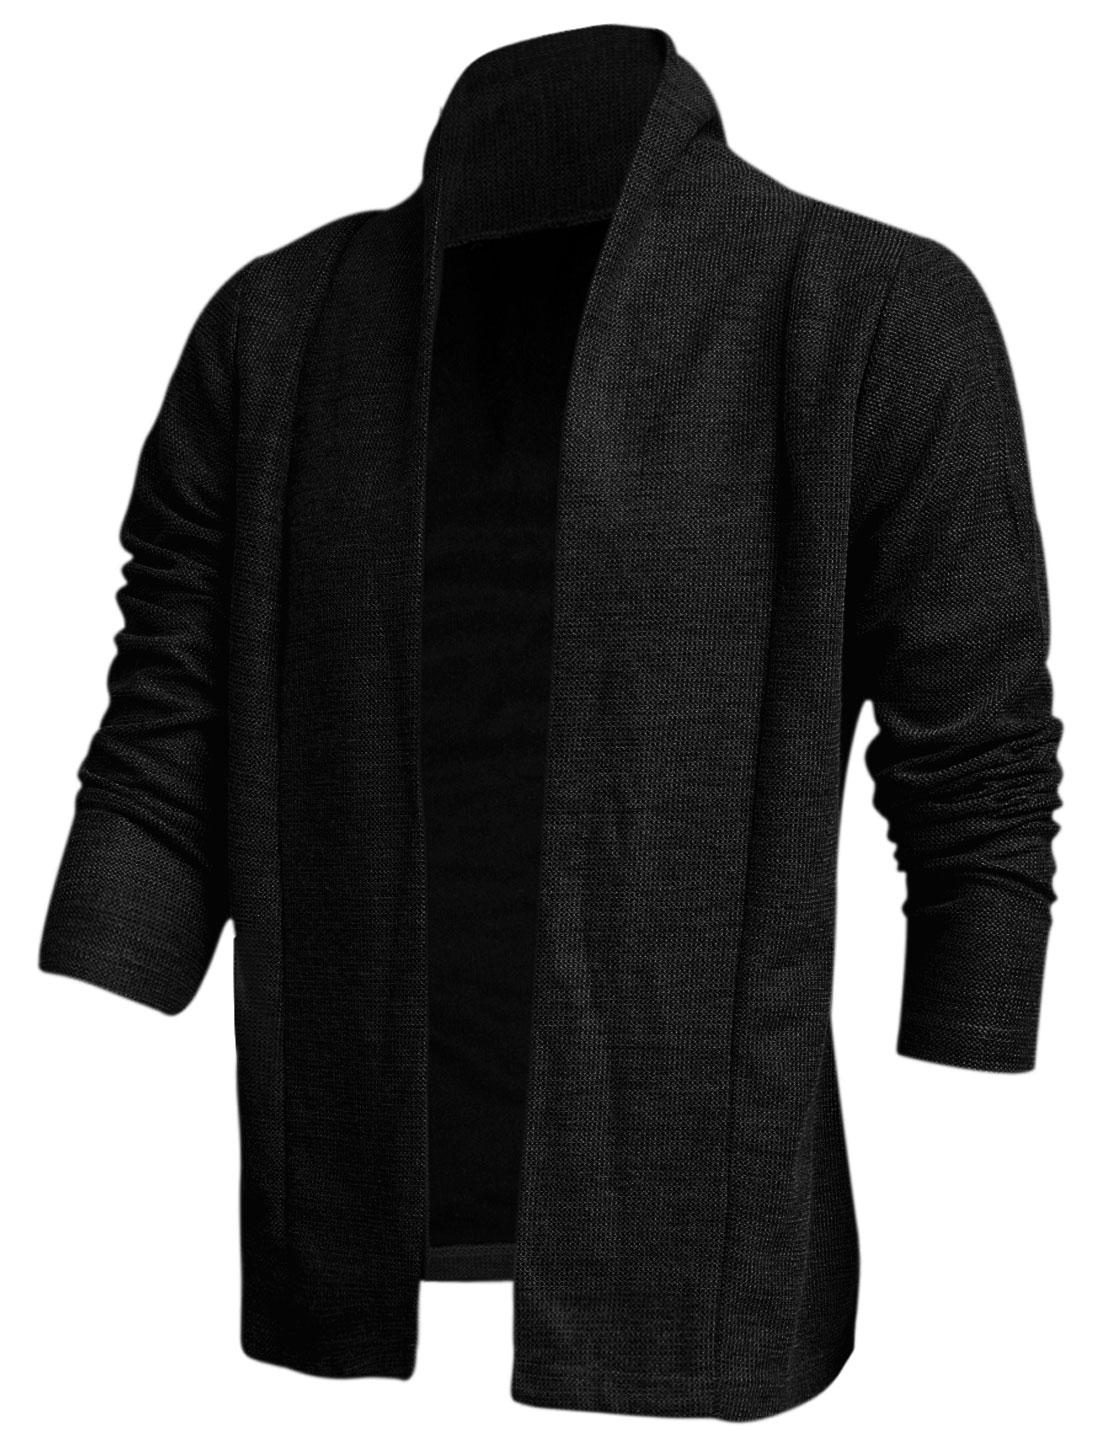 Men Shawl Collar Fashionable Cozy Fit Knit Cardigan Black M